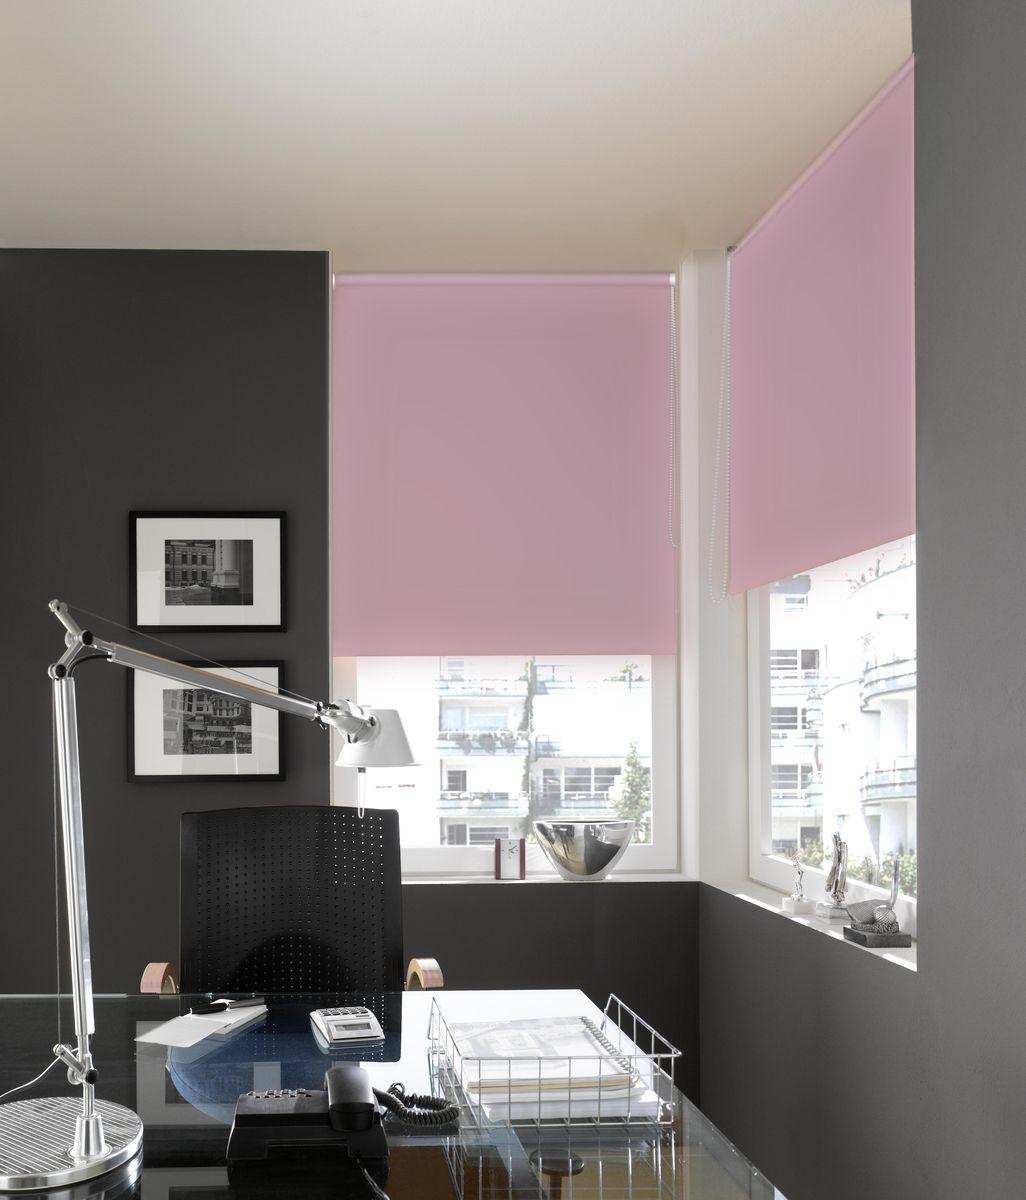 Штора рулонная Эскар Миниролло. Blackout, светонепроницаемая, цвет: розовый кварц, ширина 98 см, высота 170 см2615S545JBРулонными шторамиЭскар Миниролло. Blackout можно оформлять окна как самостоятельно, так и использовать в комбинации с портьерами. Это поможет предотвратить выгорание дорогой ткани на солнце и соединит функционал рулонных с красотой навесных. Преимущества применения рулонных штор для пластиковых окон: - имеют прекрасный внешний вид: многообразие и фактурность материала изделия отлично смотрятся в любом интерьере;- многофункциональны: есть возможность подобрать шторы способные эффективно защитить комнату от солнца, при этом она не будет слишком темной;- есть возможность осуществить быстрый монтаж.ВНИМАНИЕ! Размеры ширины изделия указаны по ширине ткани! Во время эксплуатации не рекомендуется полностью разматывать рулон, чтобы не оторвать ткань от намоточного вала. В случае загрязнения поверхности ткани, чистку шторы проводят одним из способов, в зависимости от типа загрязнения:легкое поверхностное загрязнение можно удалить при помощи канцелярского ластика;чистка от пыли производится сухим методом при помощи пылесоса с мягкой щеткой-насадкой;для удаления пятна используйте мягкую губку с пенообразующим неагрессивным моющим средством или пятновыводитель на натуральной основе (нельзя применять растворители).